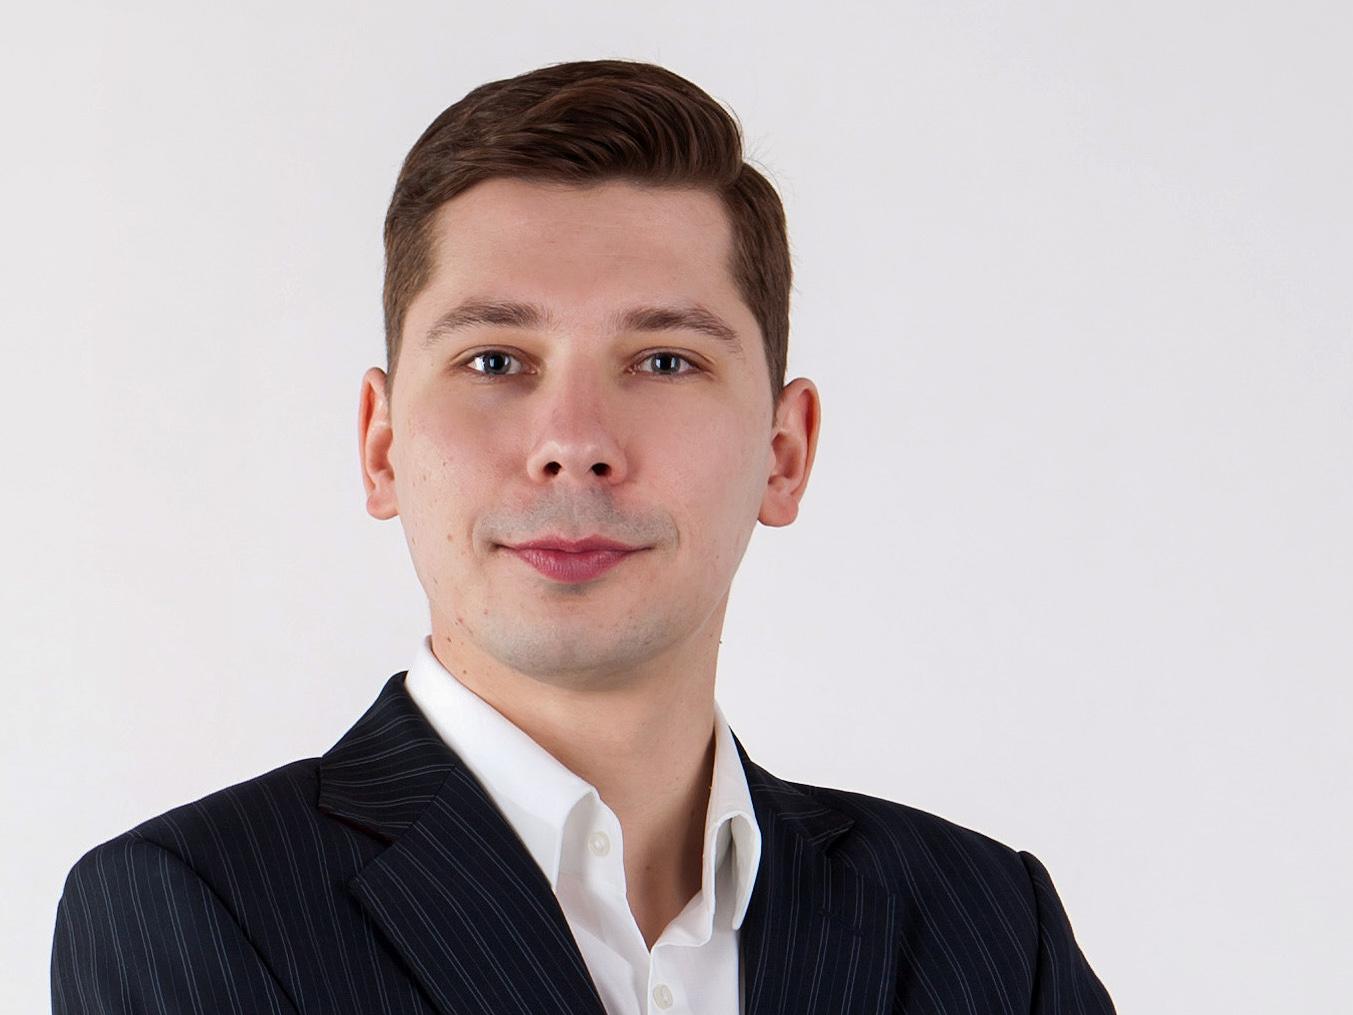 Marcin Fabisiak